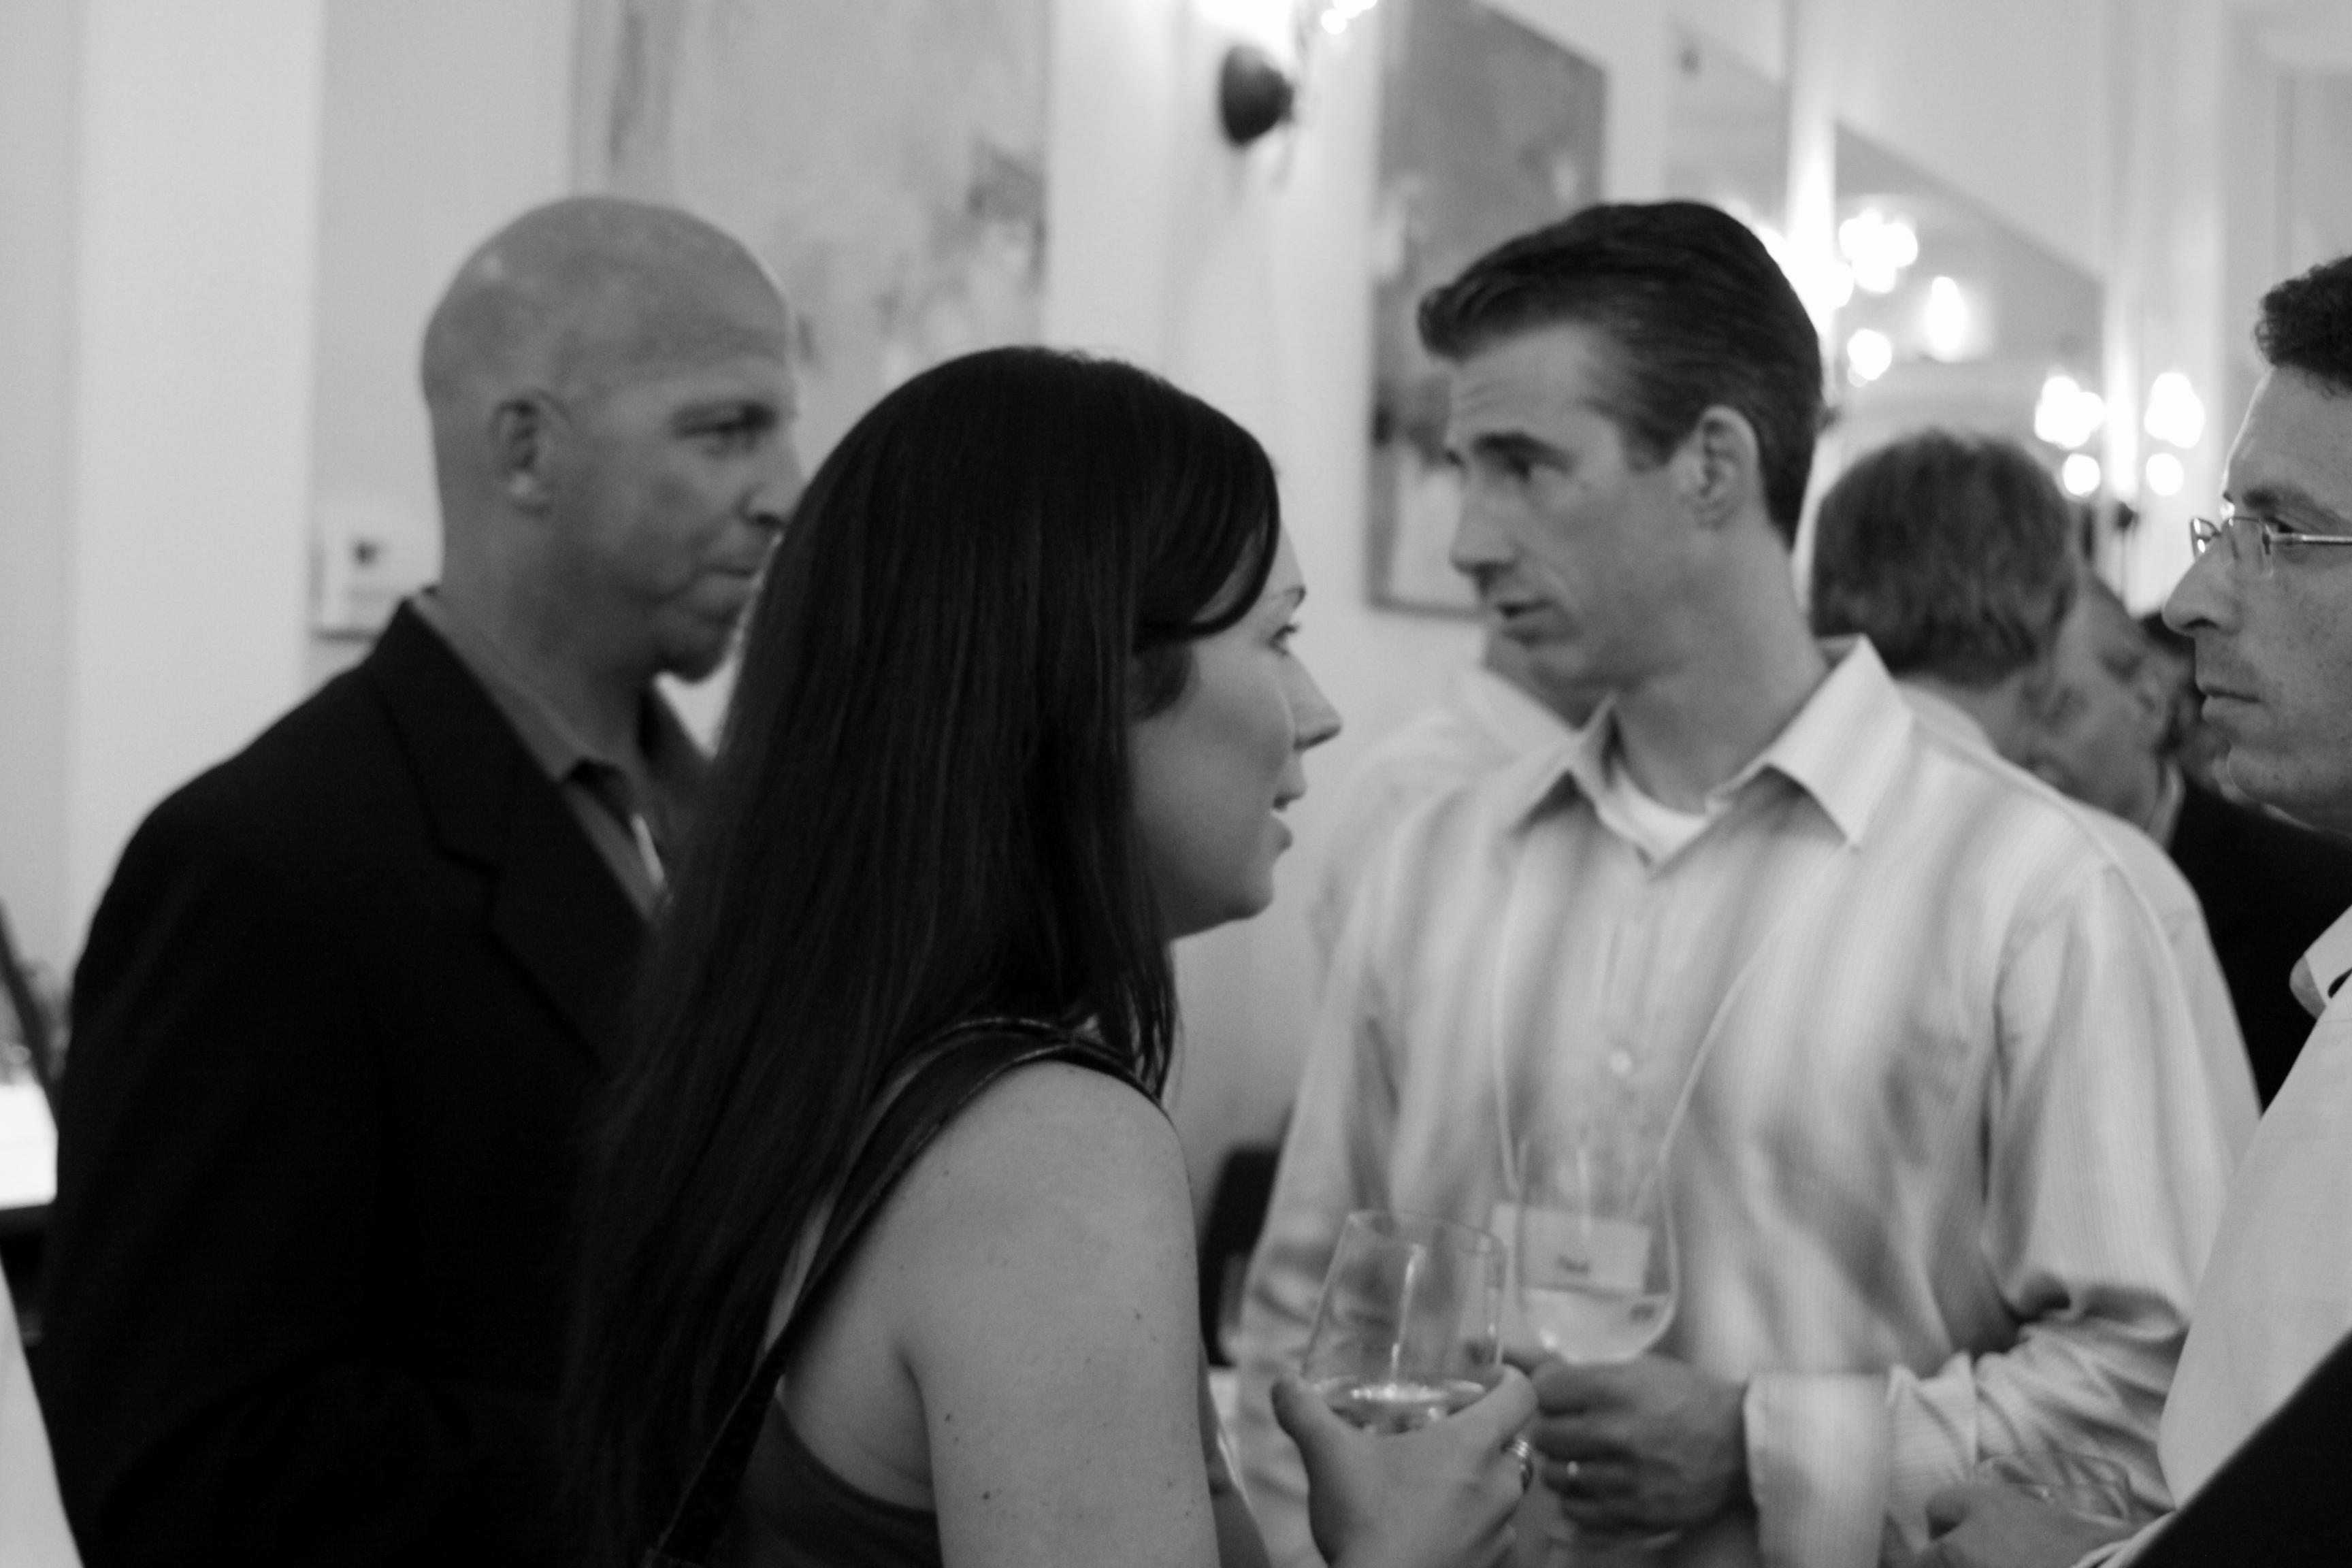 HRExaminer-NYC-24-Lisa-Kloster-Paul-Mladineo-Jeremy-Shapiro-Steve-Levy